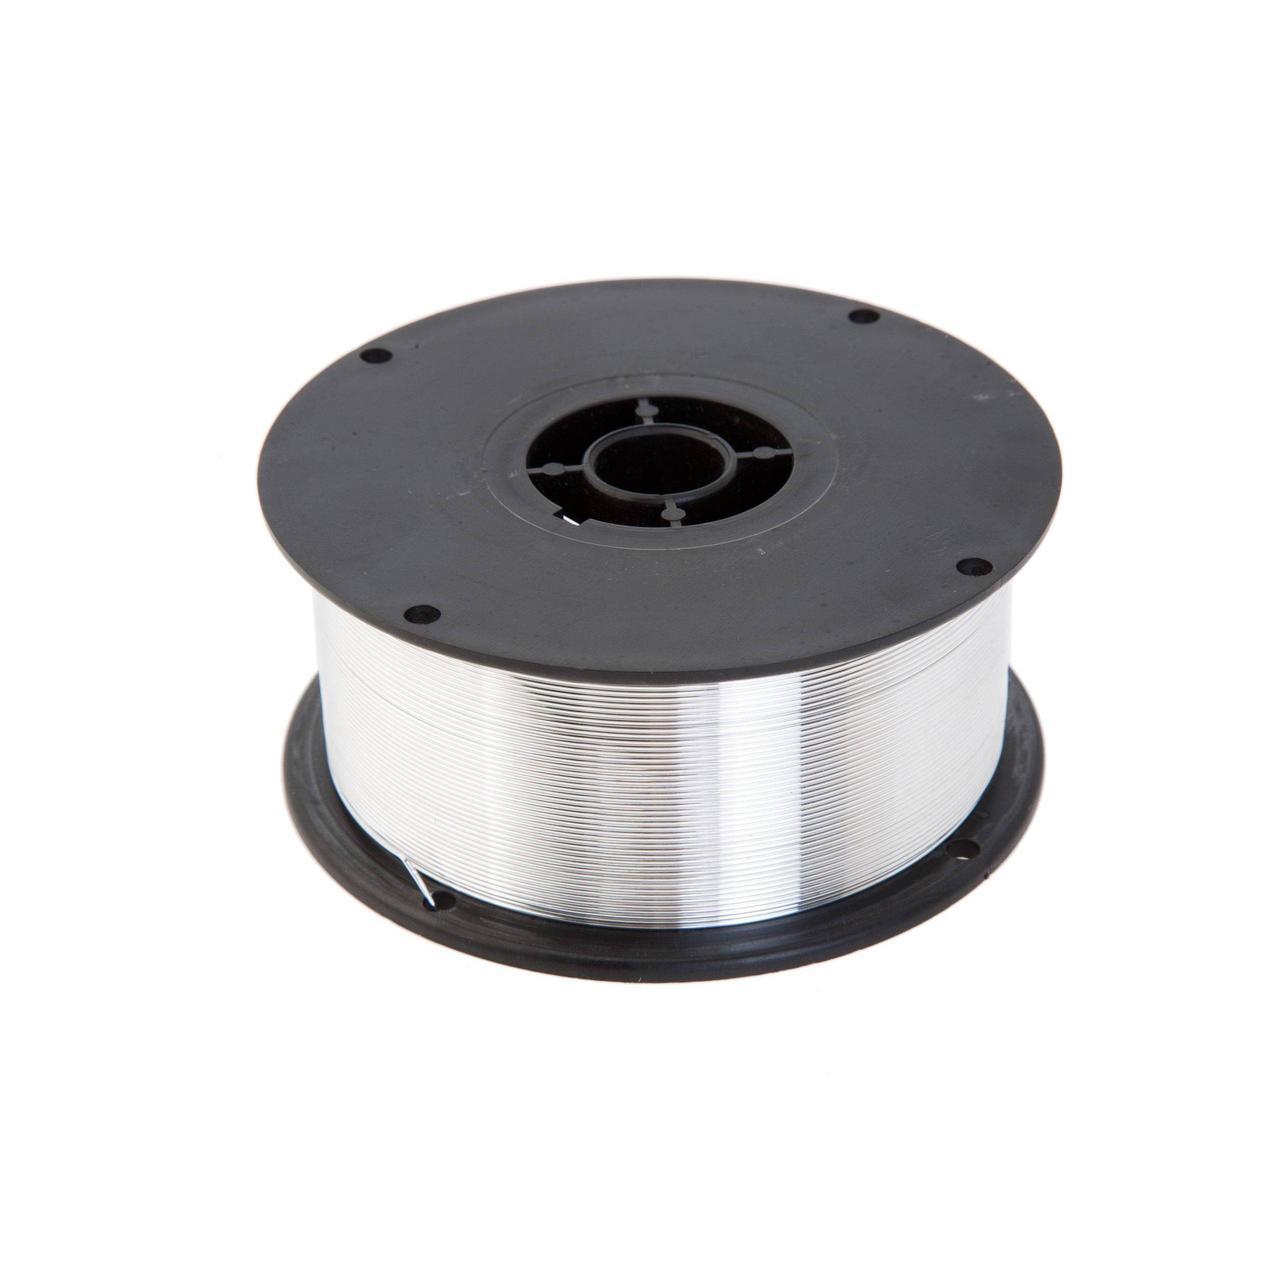 Проволока сварочная алюминиевая 1,0мм, ER5356, AlMg5, D100-0,45кг, катушка